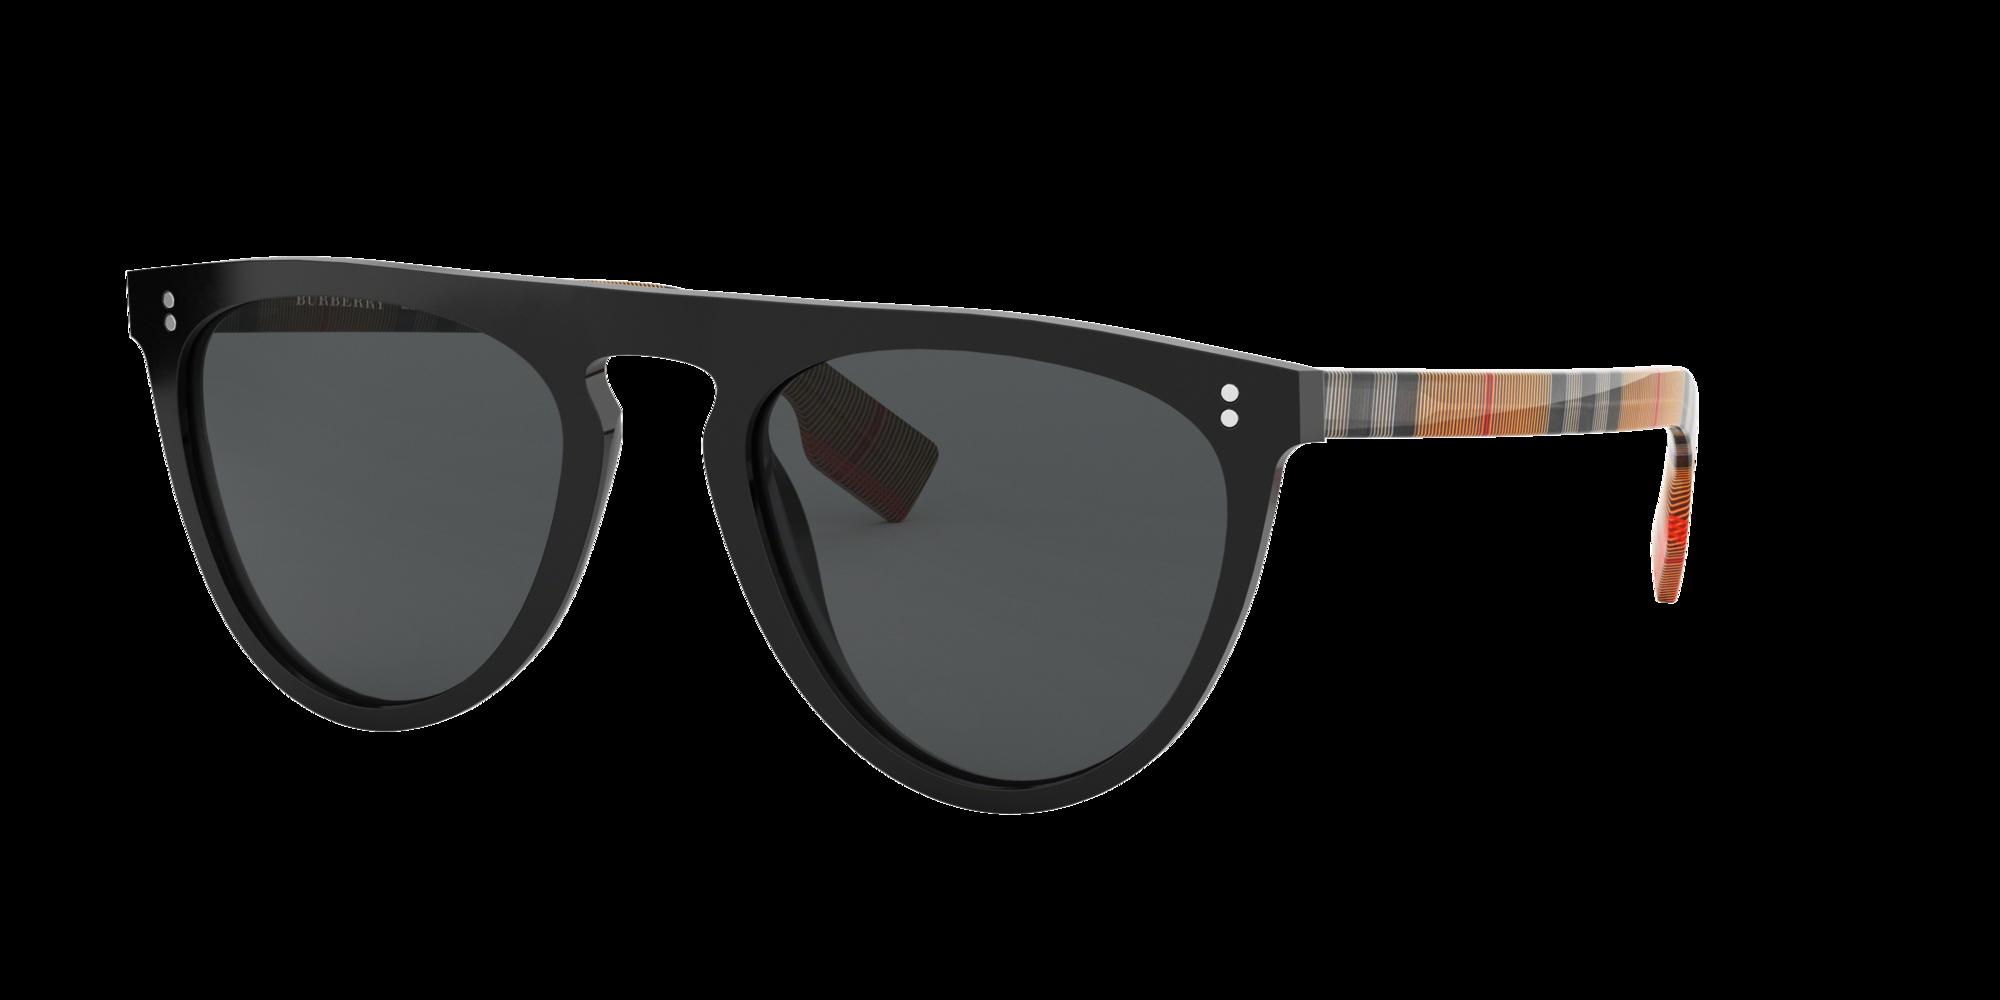 Burberry Unisex  BE4281 -  Frame color: Noir, Lens color: Gris-Noir, Size 54-21/145